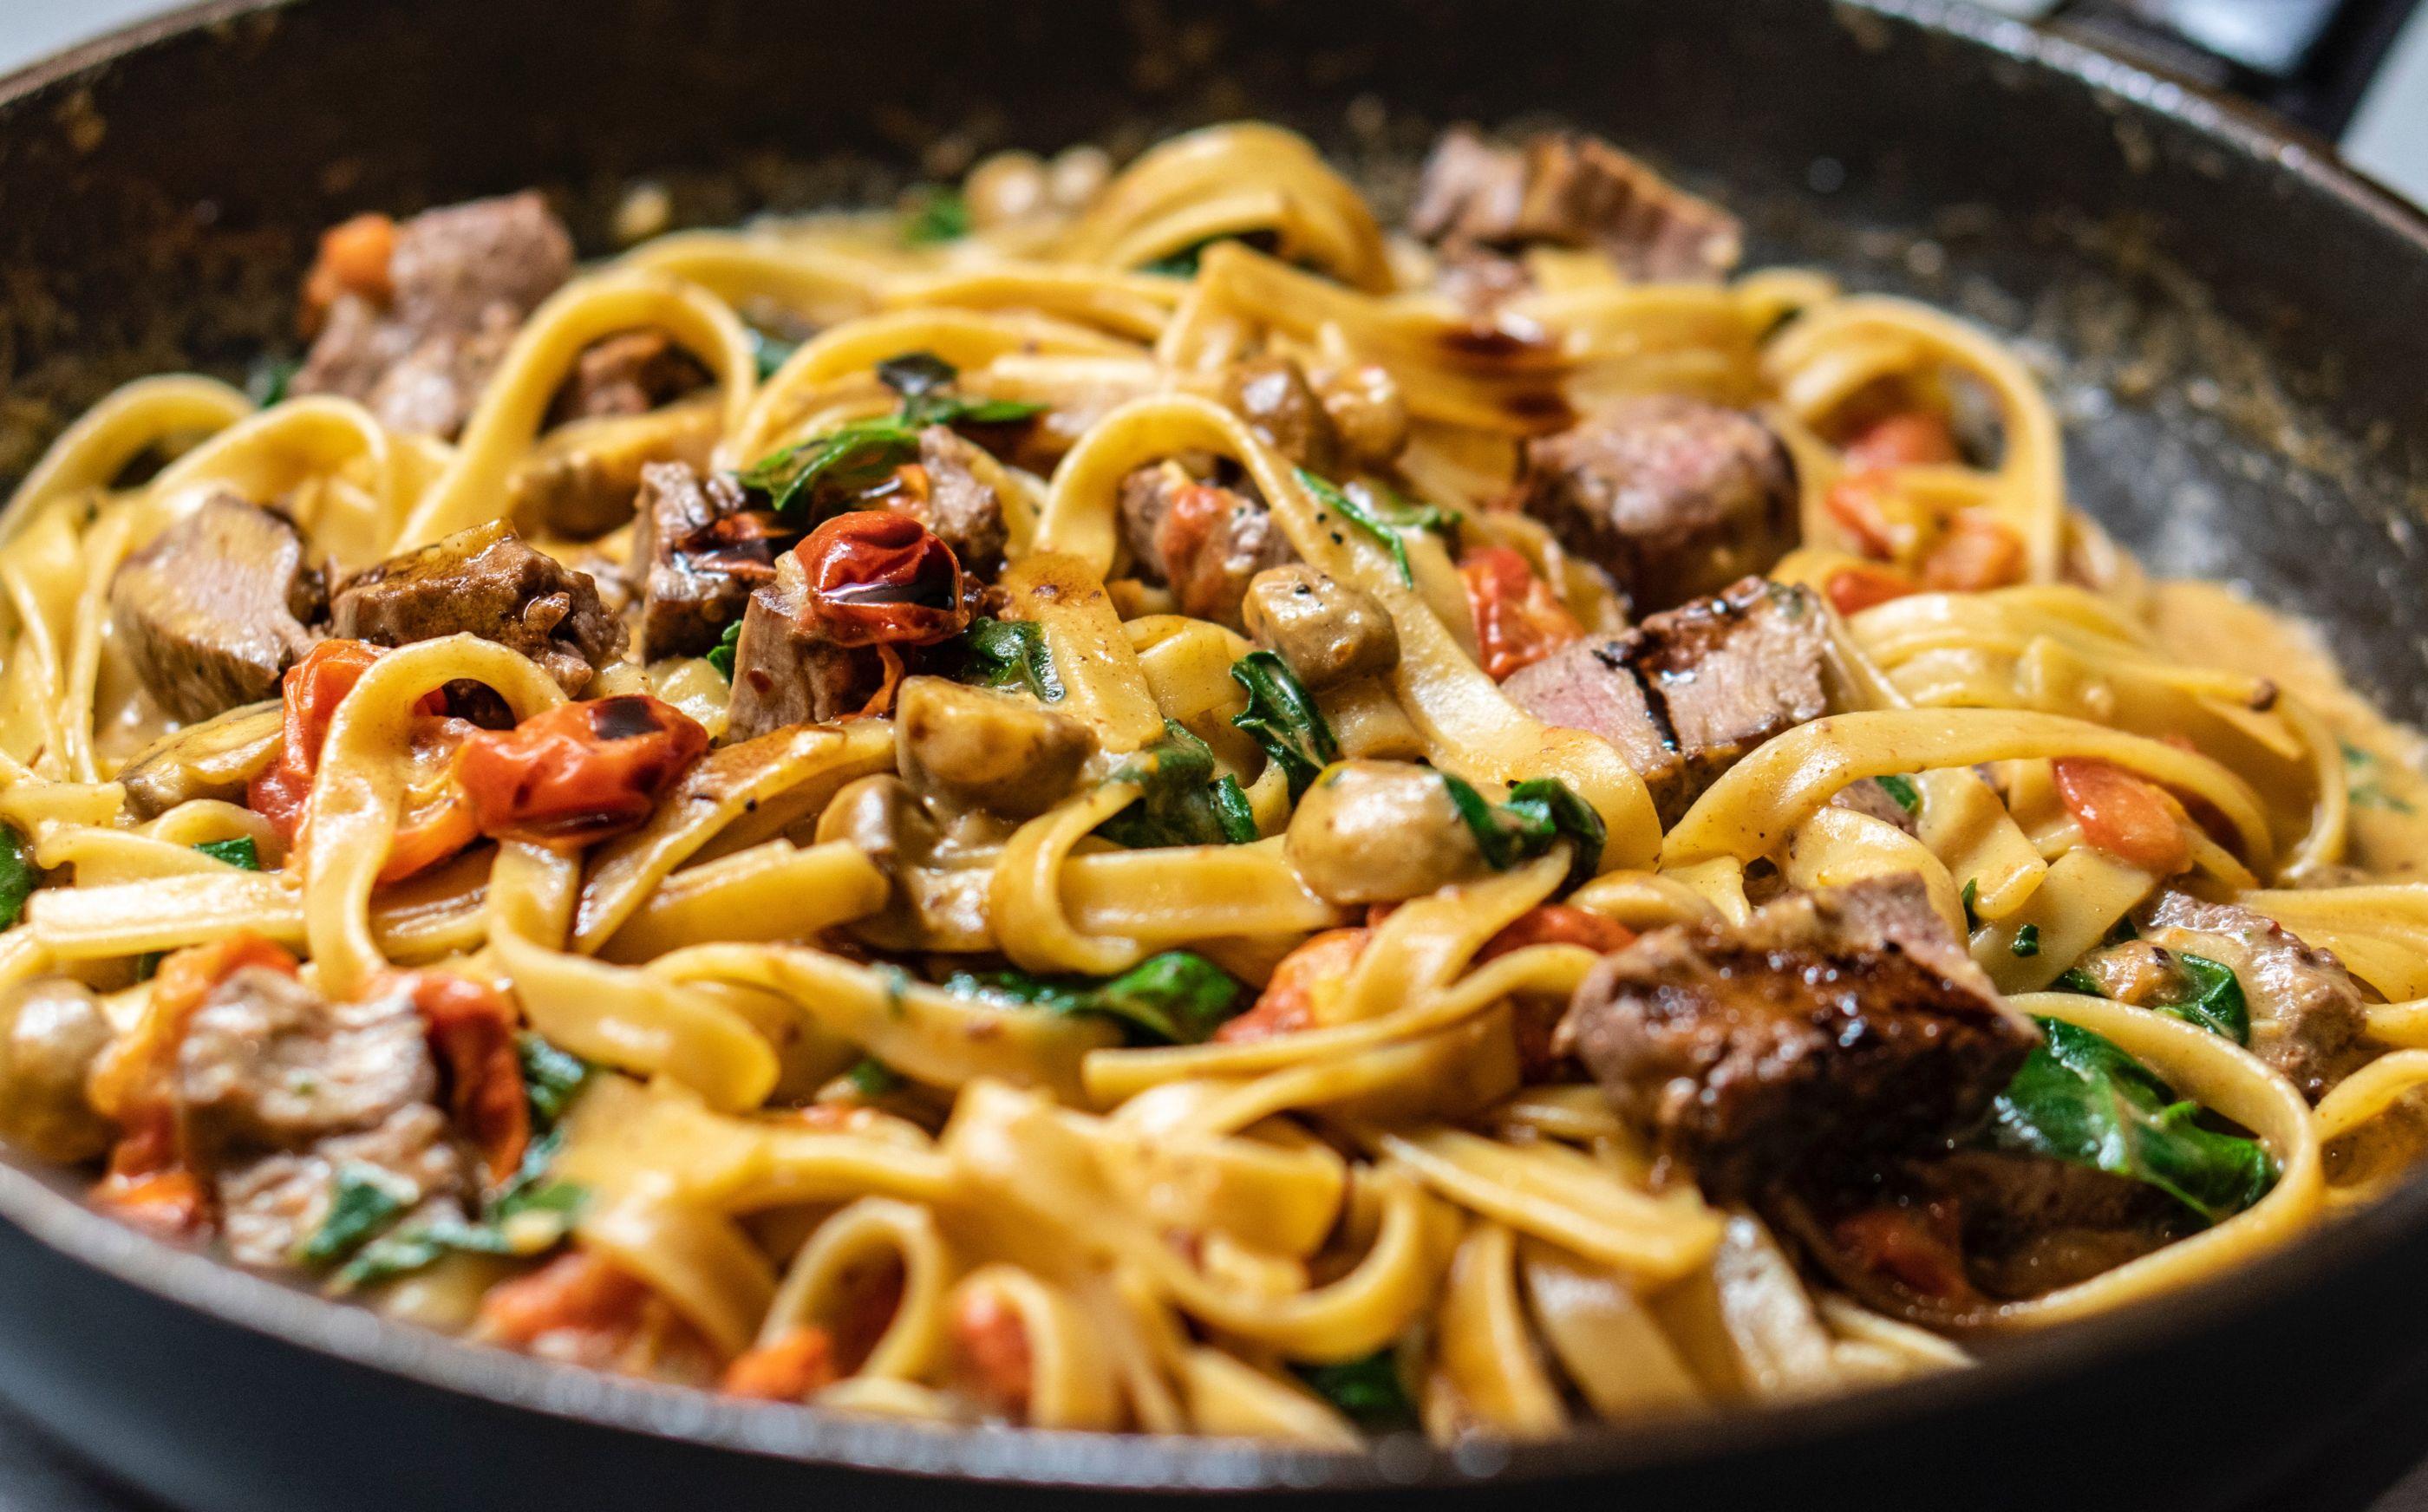 6 deliciosas recetas con pasta para comer delicioso y variado esta cuarentena